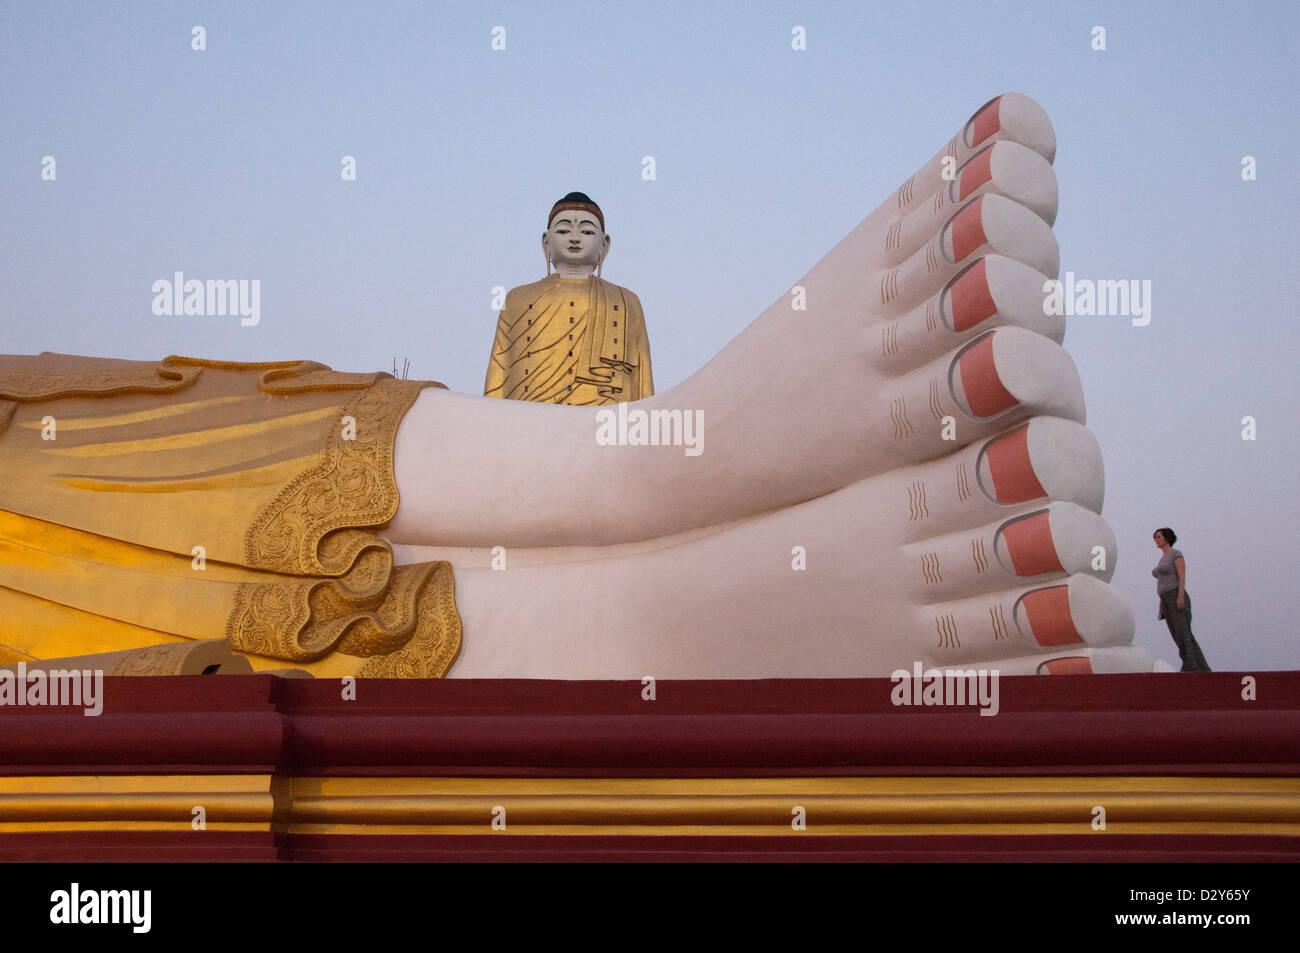 Pies de enorme Buda reclinado con Bodhi, Tataung gigante Buda de pie detrás. Monywa, Myanmar (Birmania) Imagen De Stock